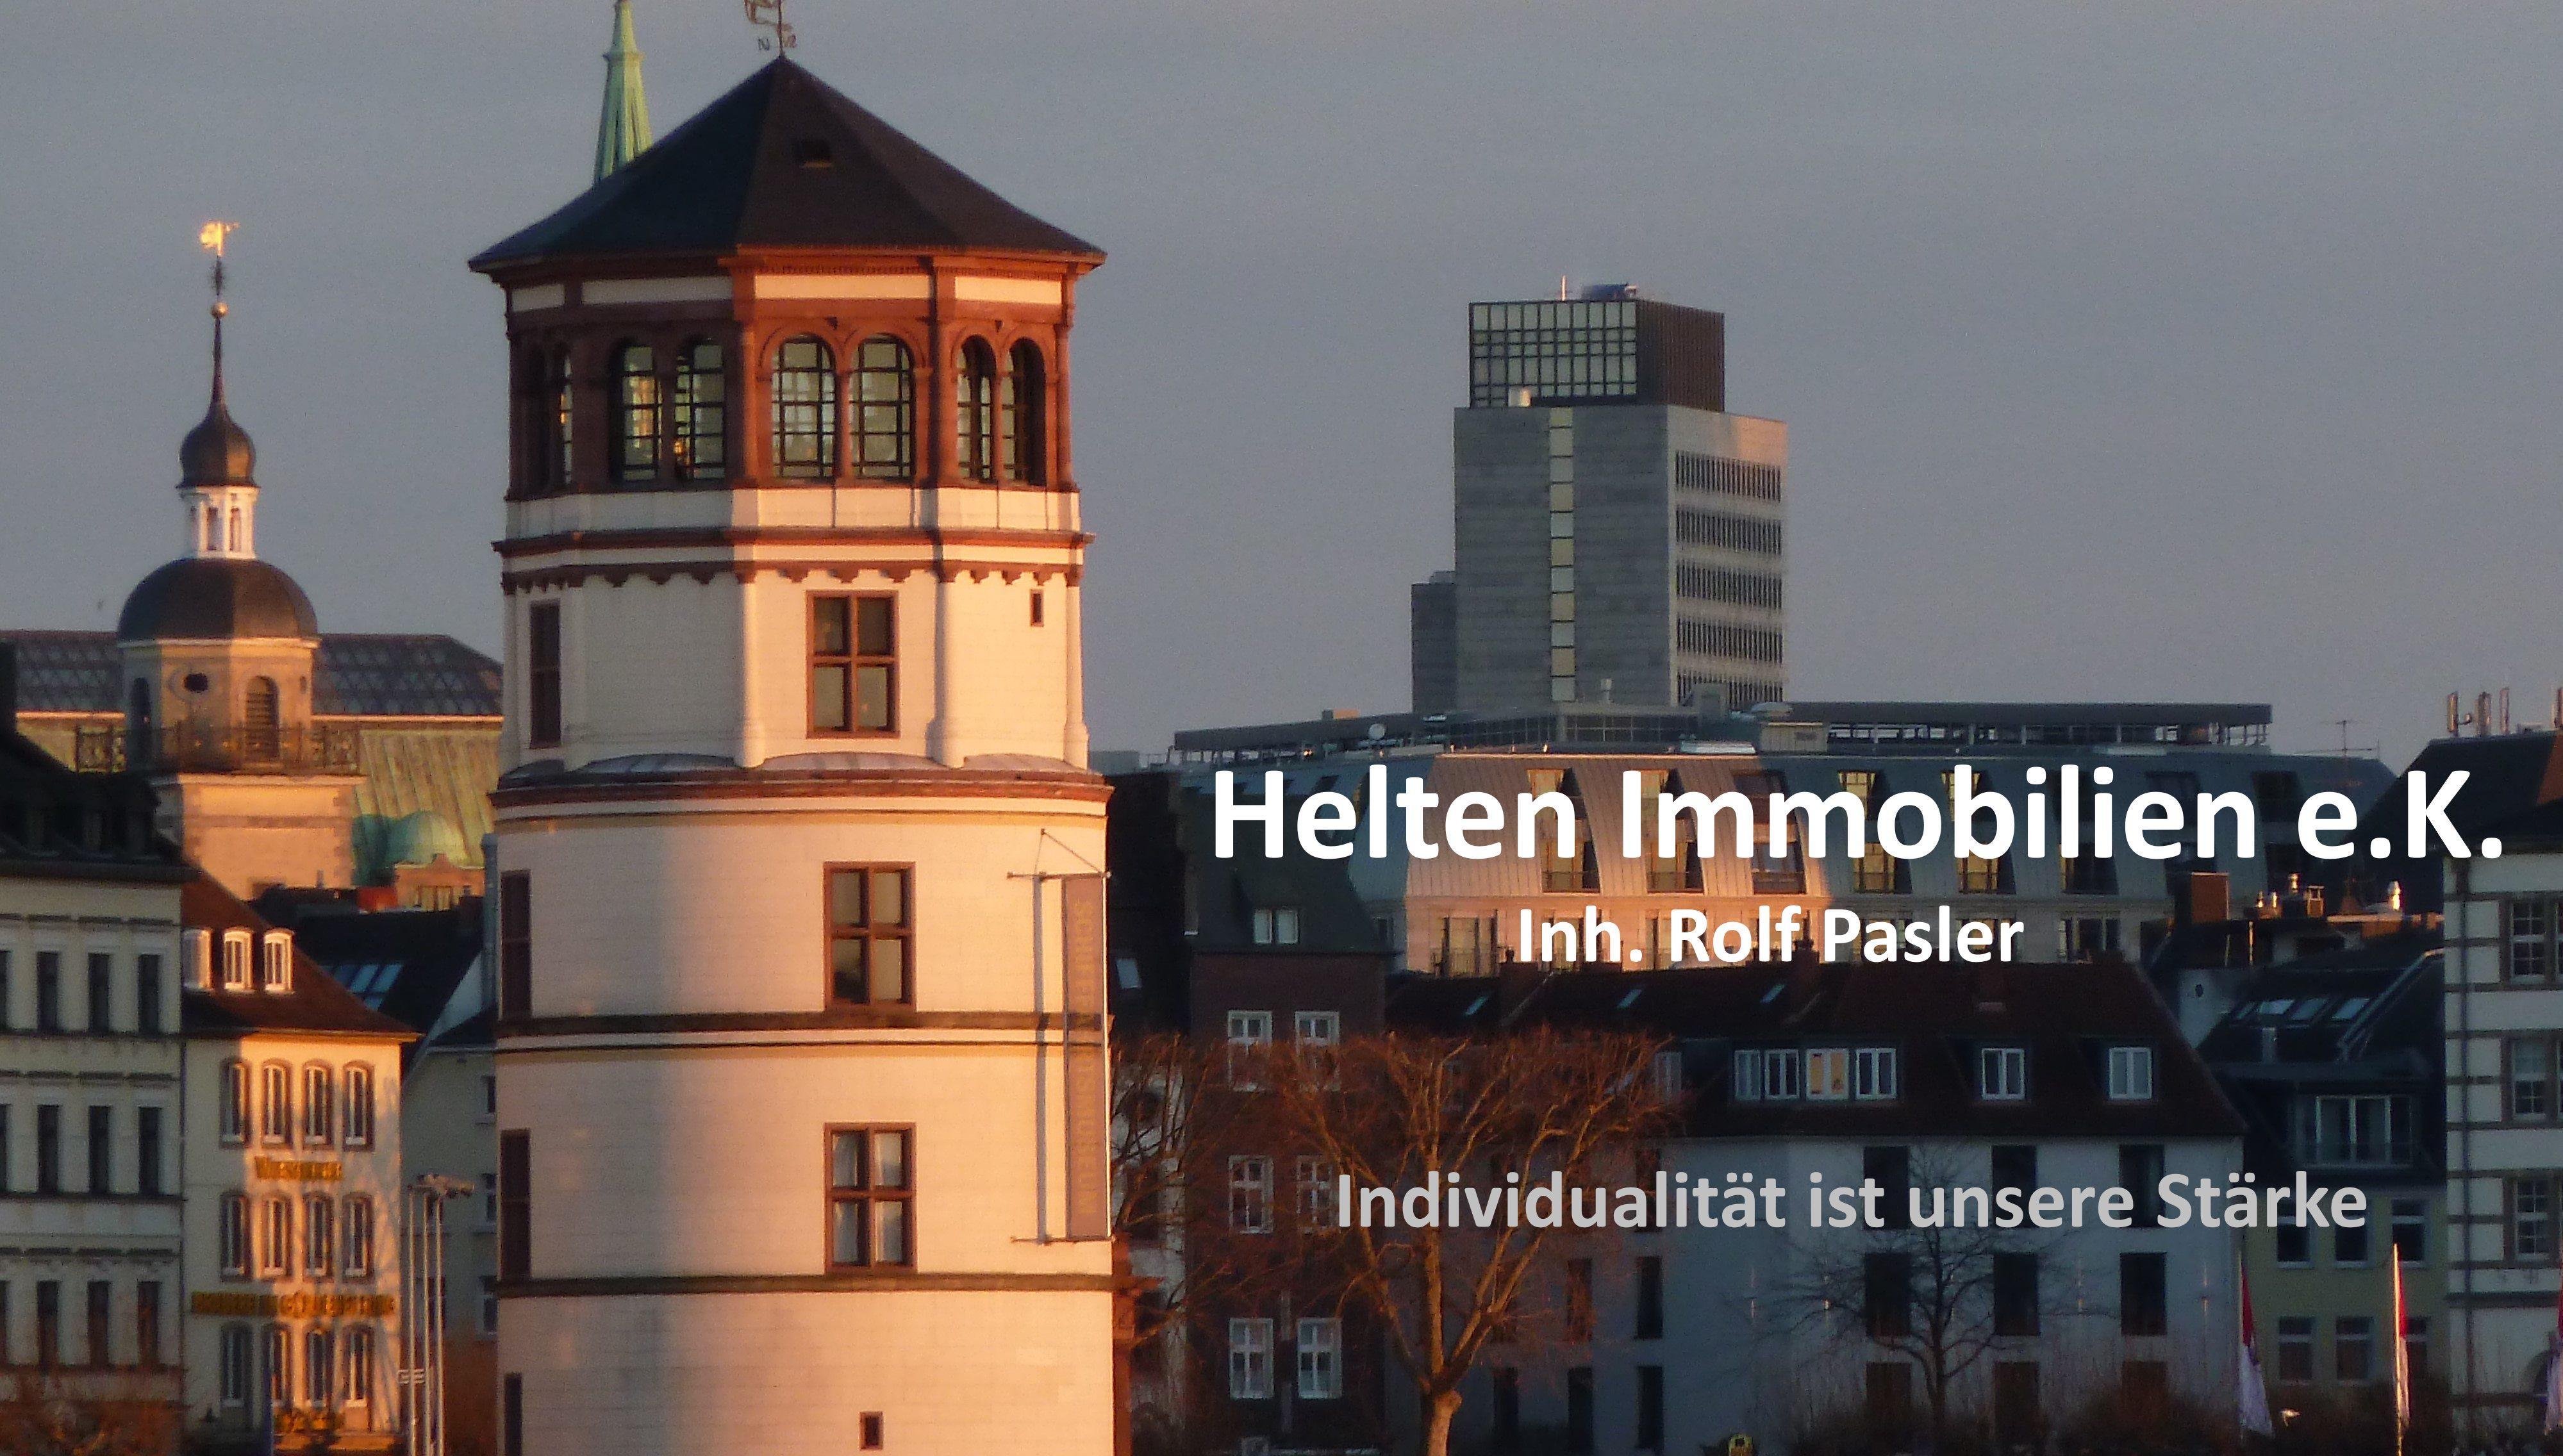 Firmen Mit Denen Wir Zusammenarbeiten Helten Immobilien Vermittlung Und Verwaltung Von Grundbesitz